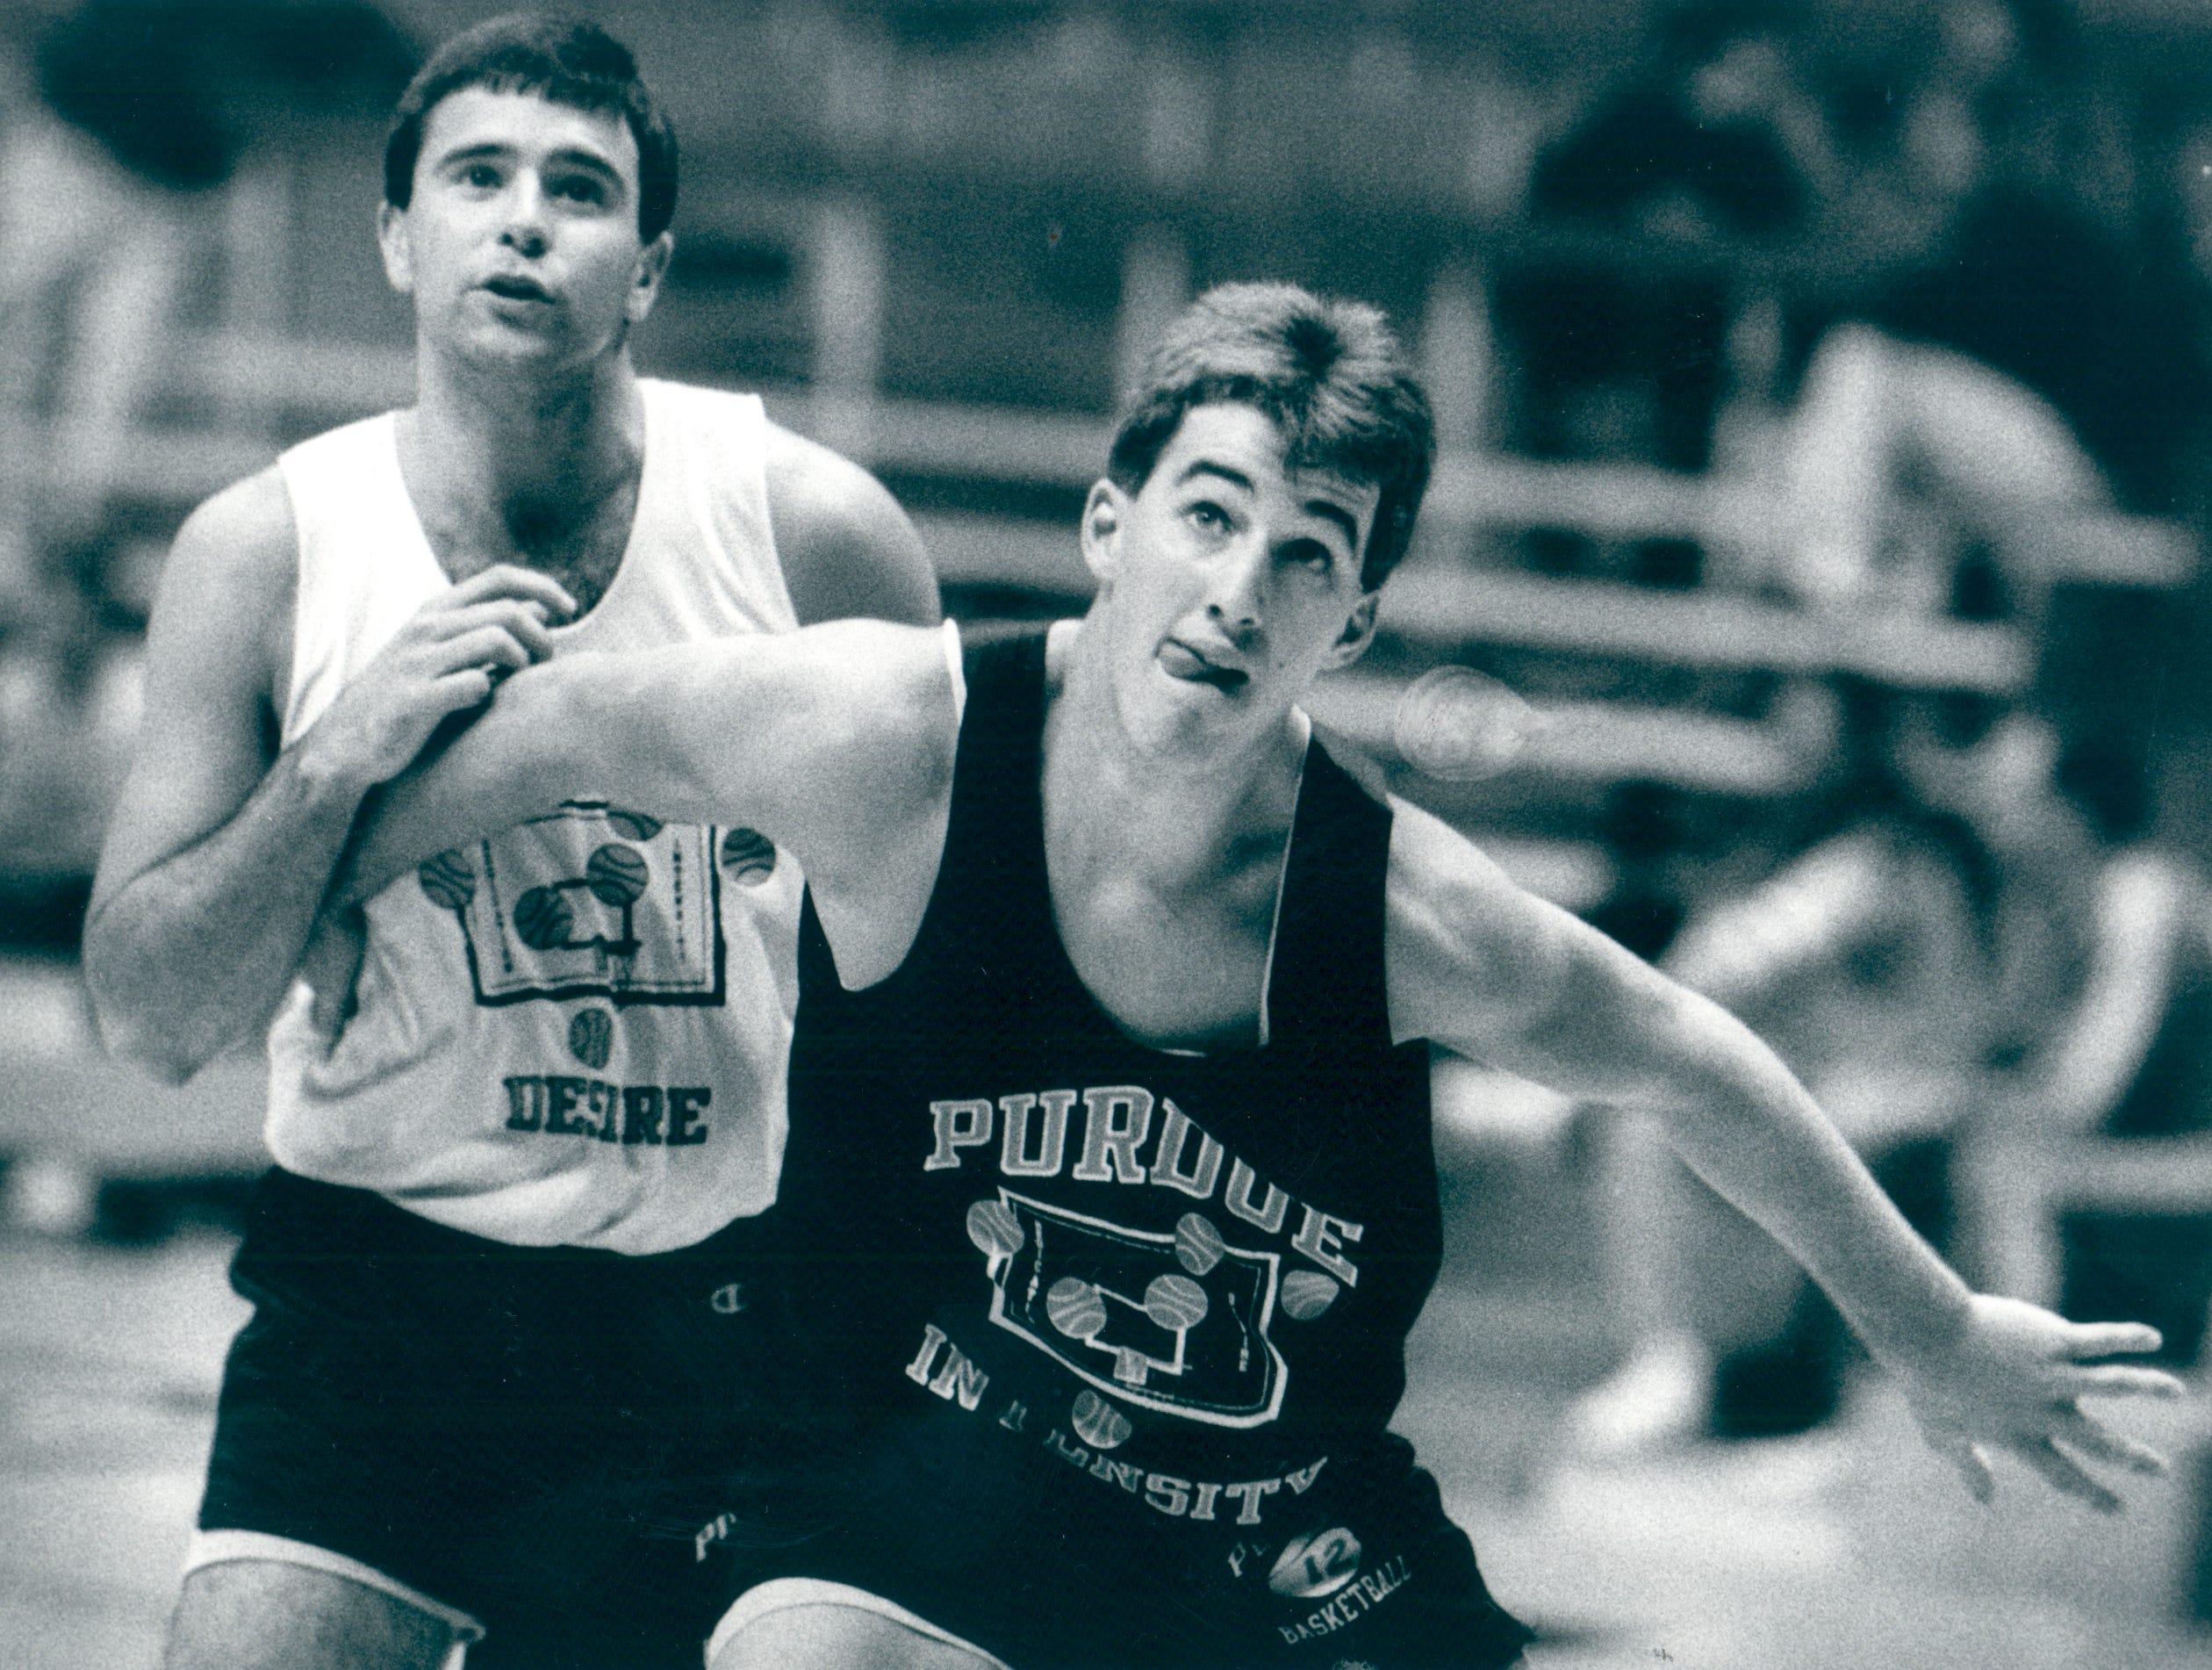 Dave Barrett, left, battles with current Purdue basketball coach Matt Painter during a 1990 practice.